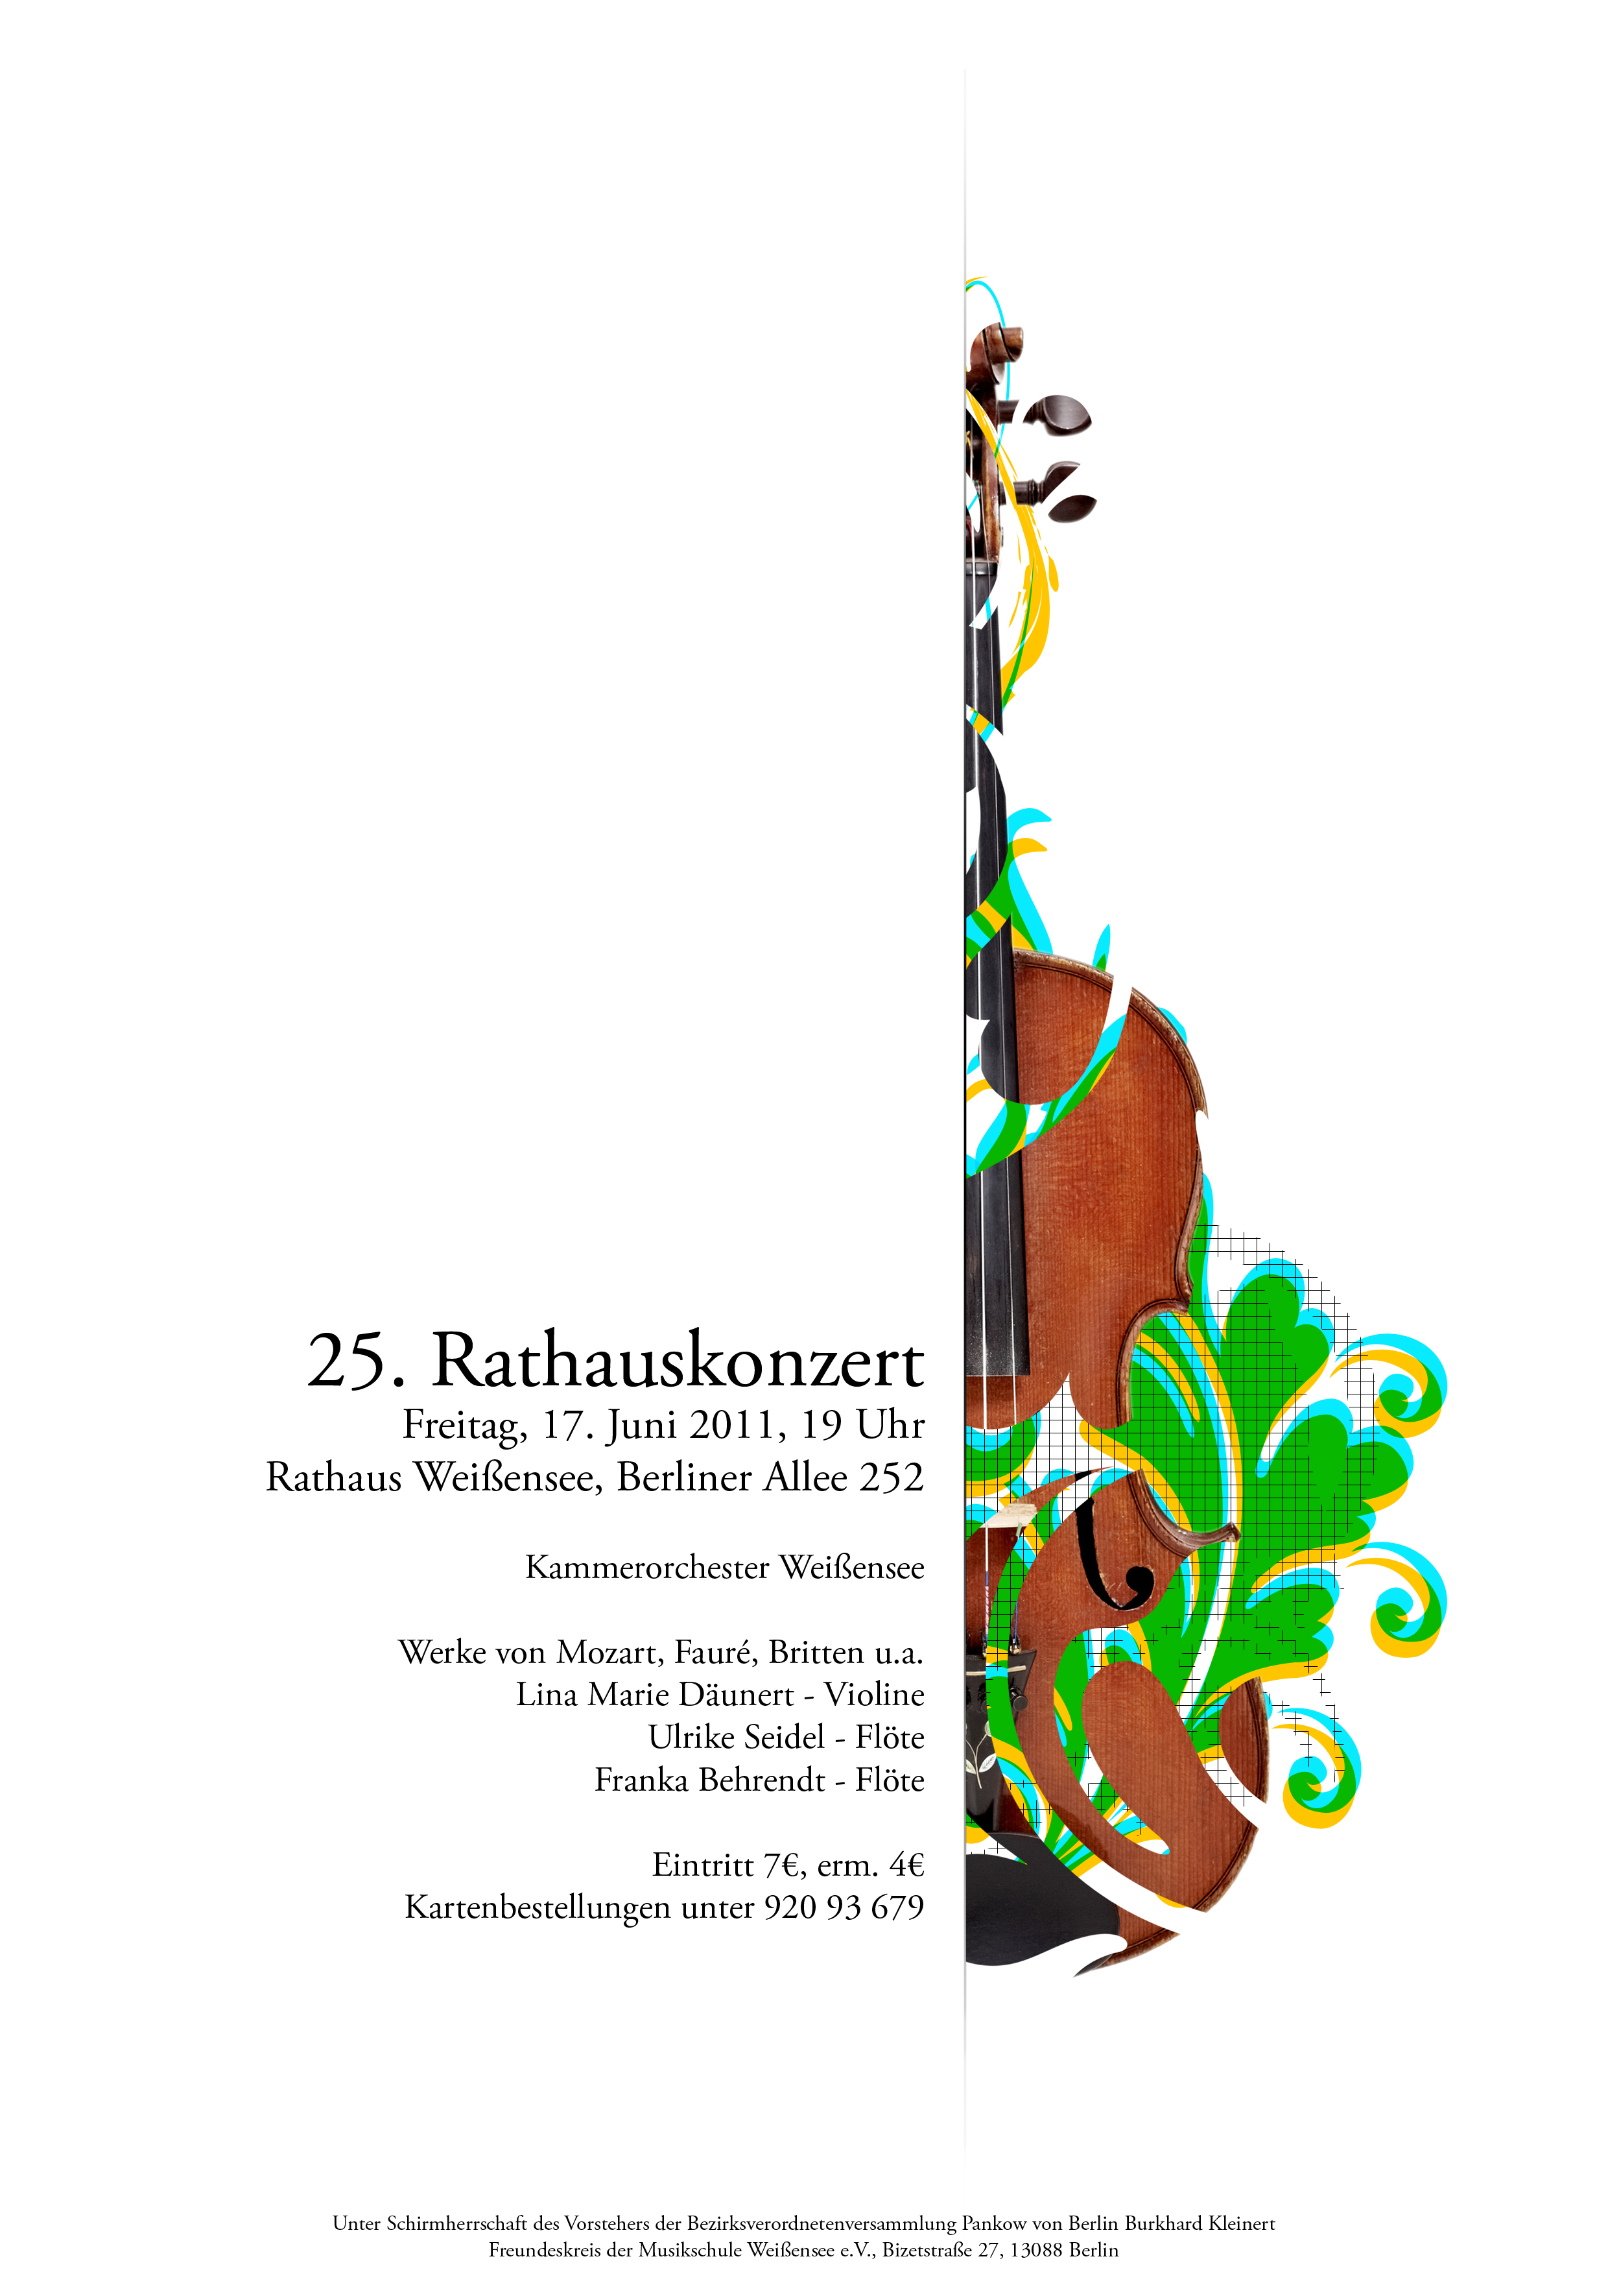 25. Rathauskonzert